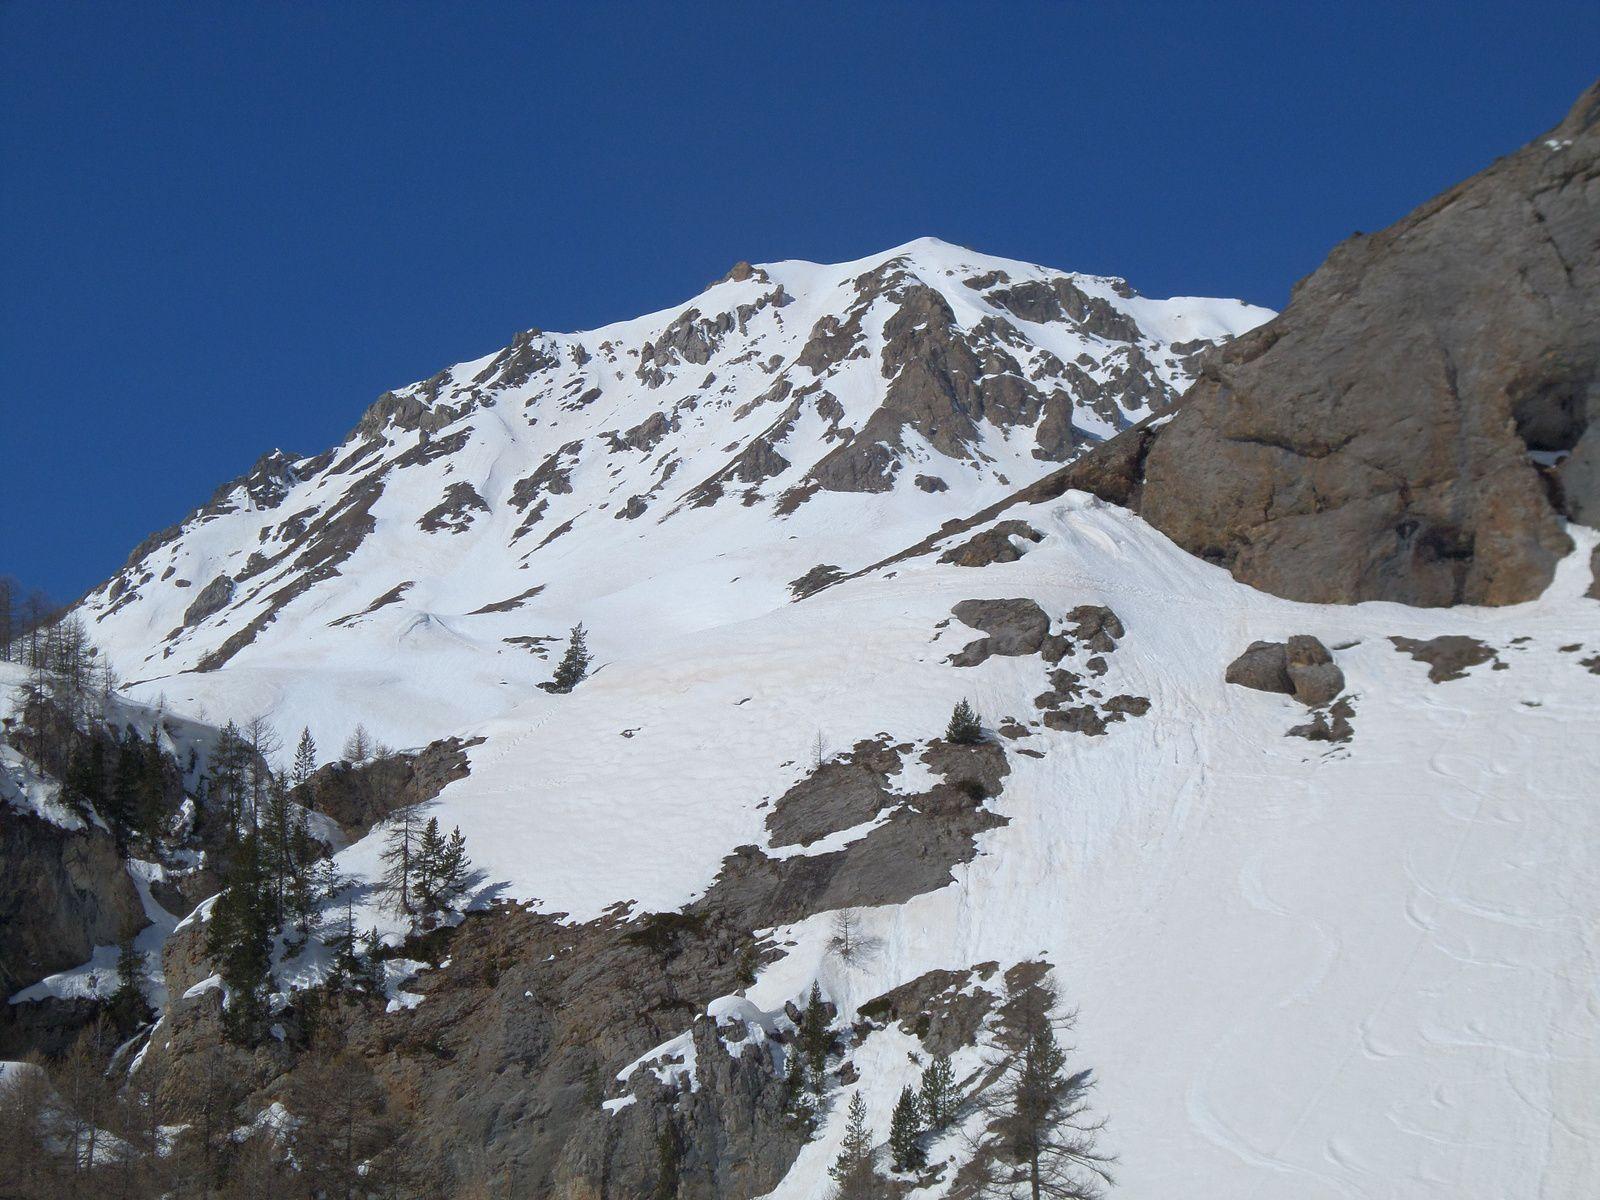 montée à ski de fond (avec peaux autocollantes) de Brunissard (1800m), jusqu'à Pra Premier (2050m) en Mars 2014